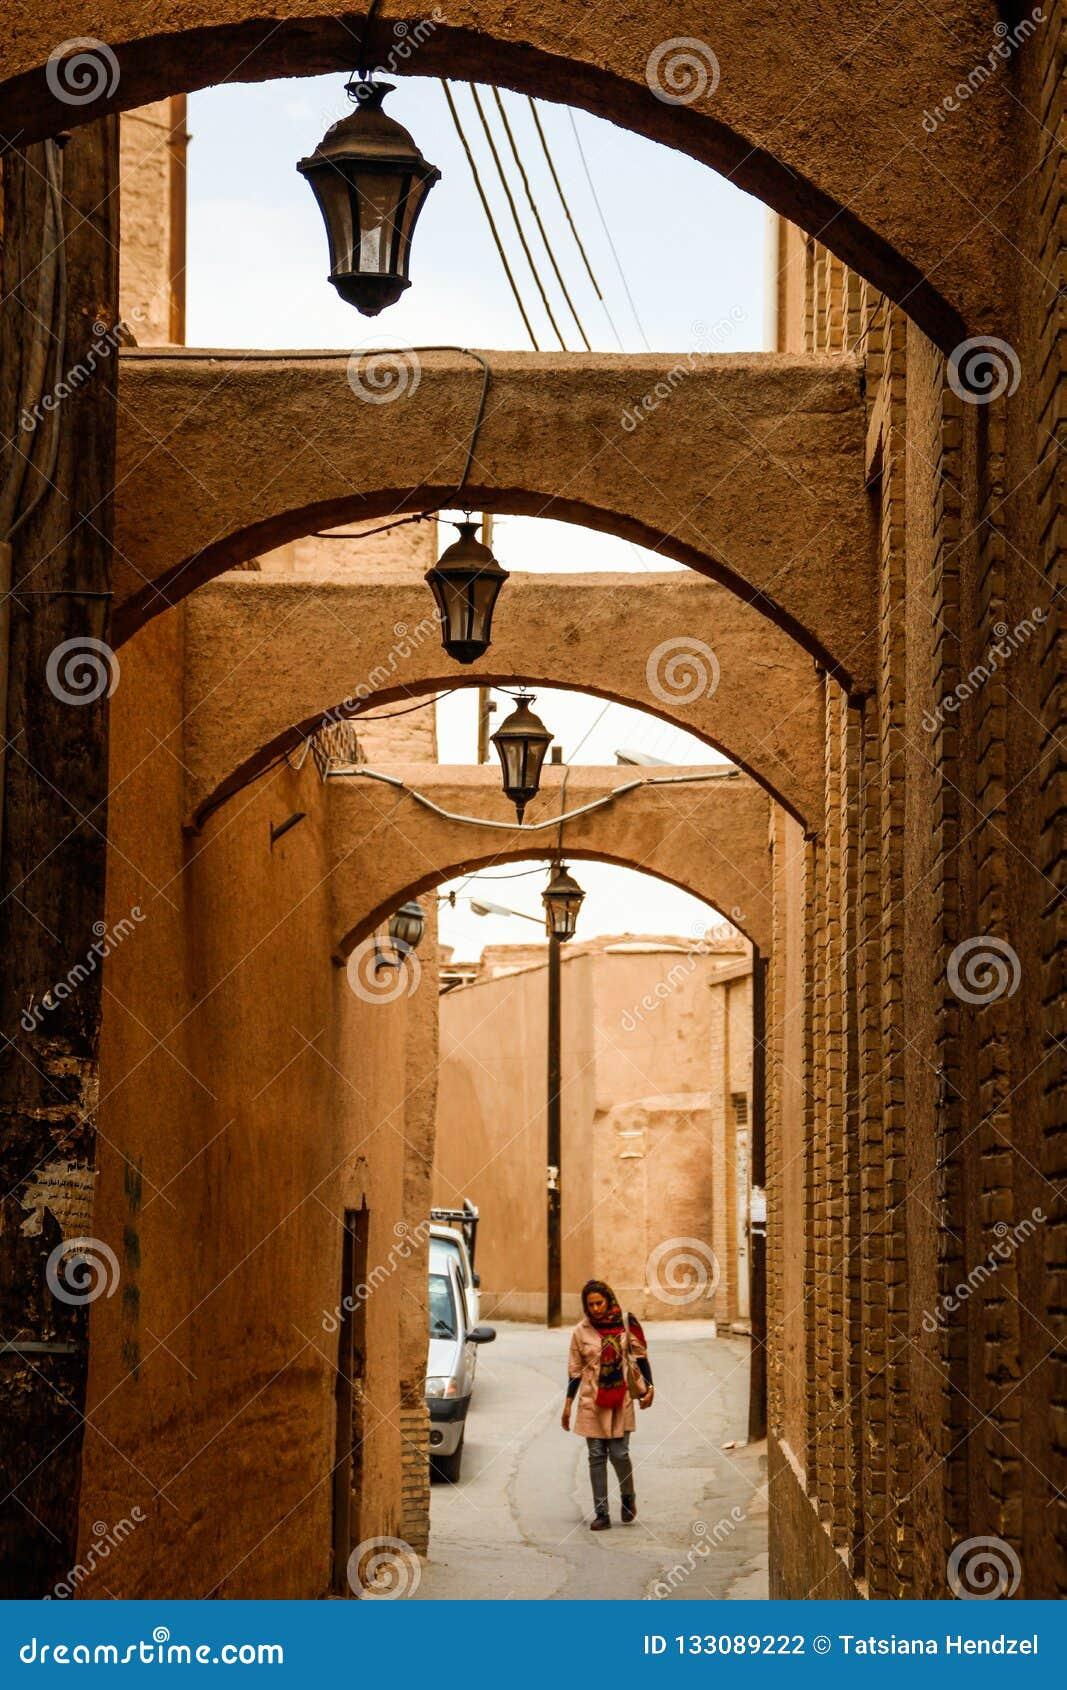 Arcos en las calles de la piedra arenisca en estilo persa tradicional